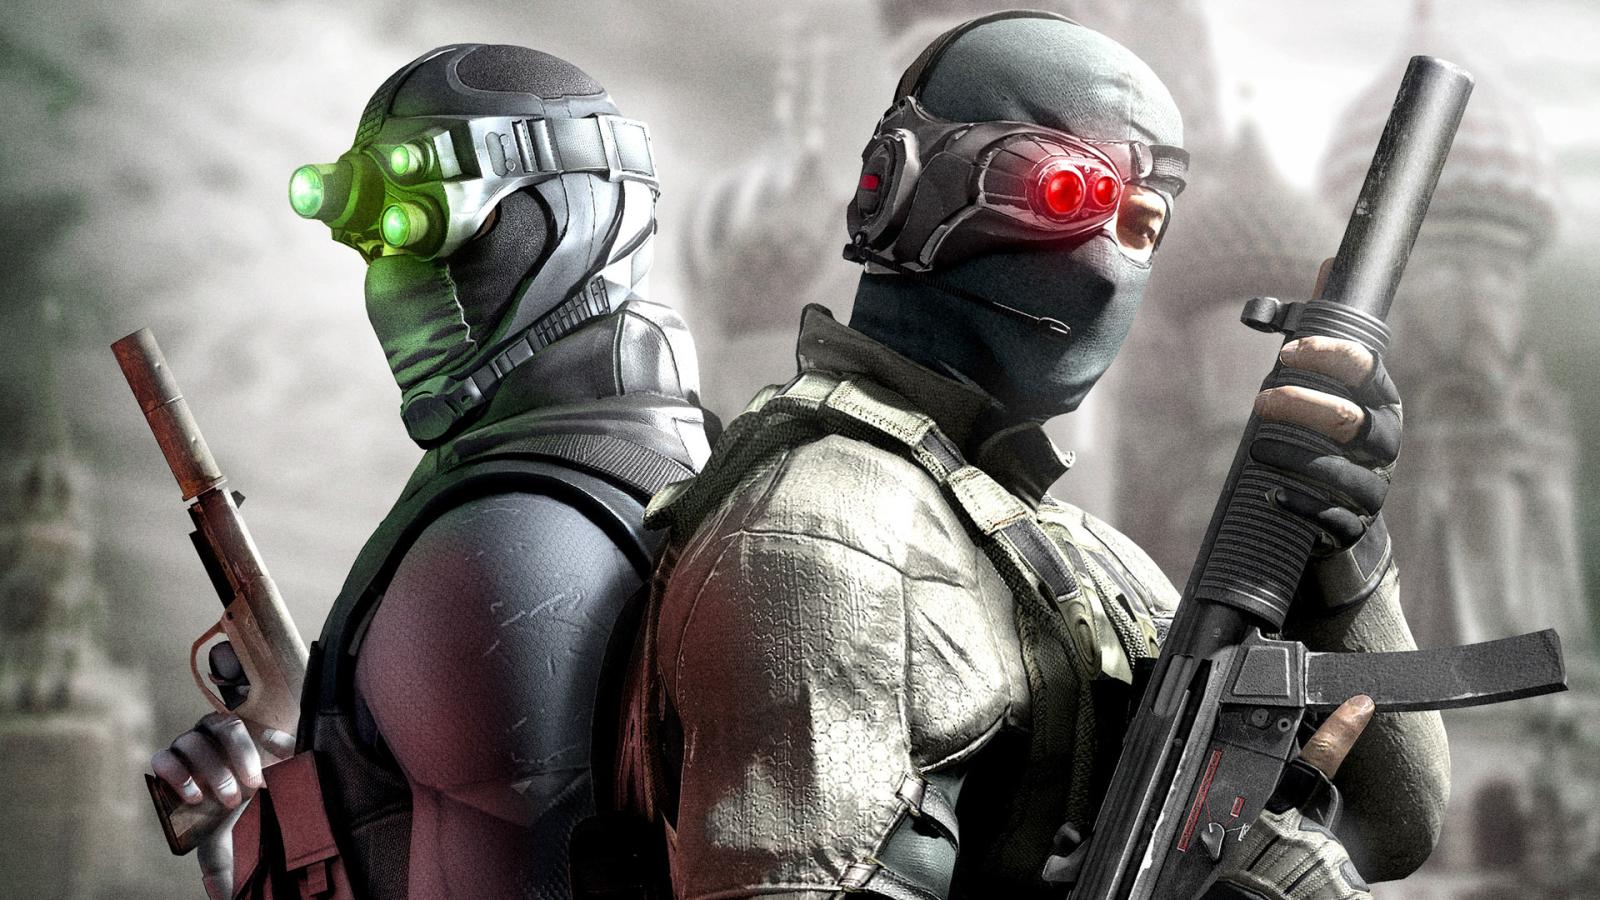 В конце мая Ubisoft отключит серверы ПК-версий восьми своих игр, включая Splinter Cell: Conviction